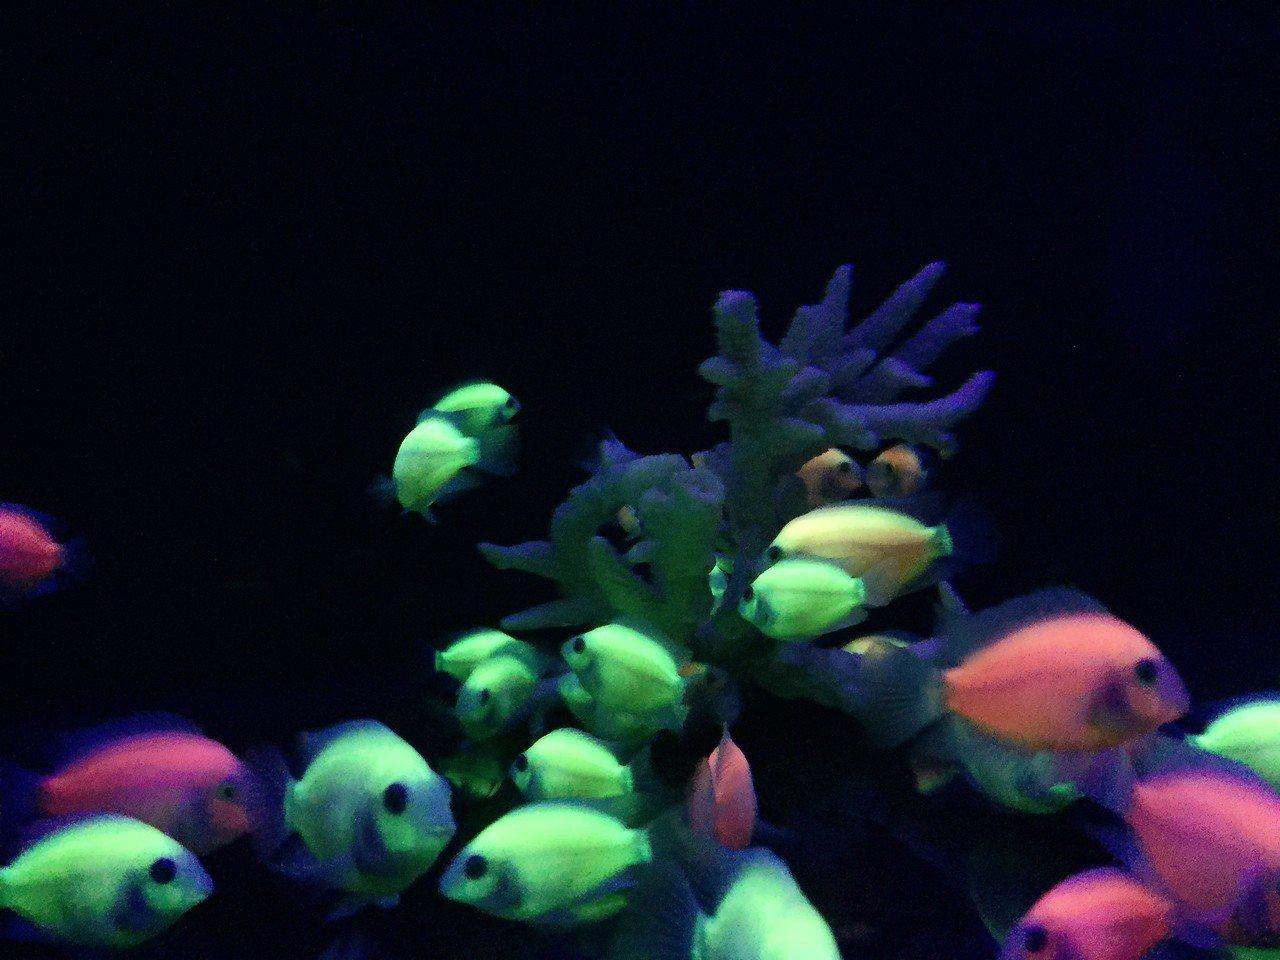 芝林公司發展的螢光魚。記者翁禎霞/攝影